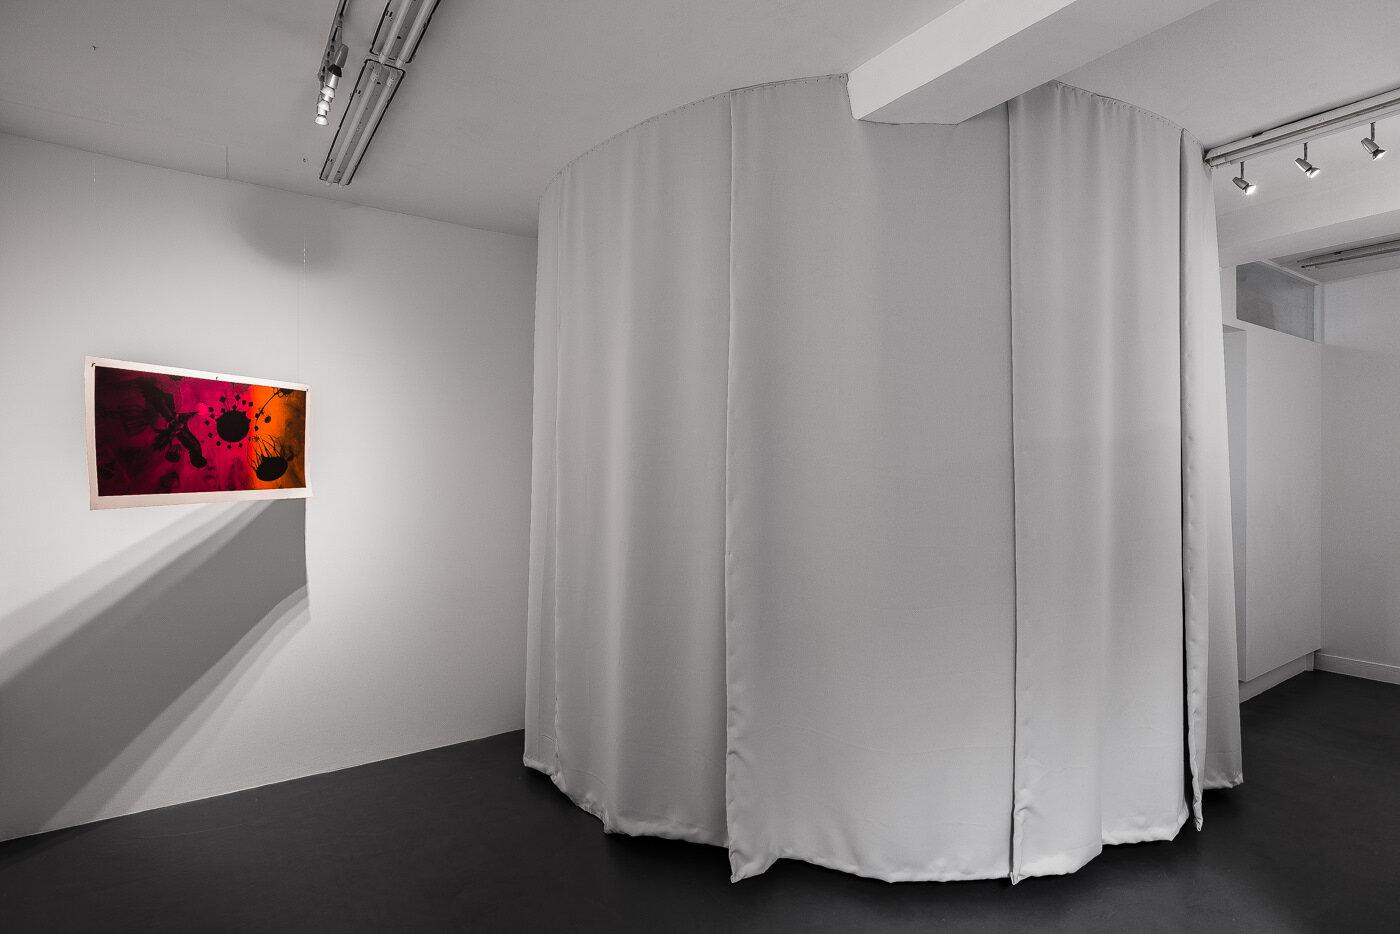 J'entends soudain des battements d'ailes - 2018  galerie Sator, Paris  © Grégory Copitet